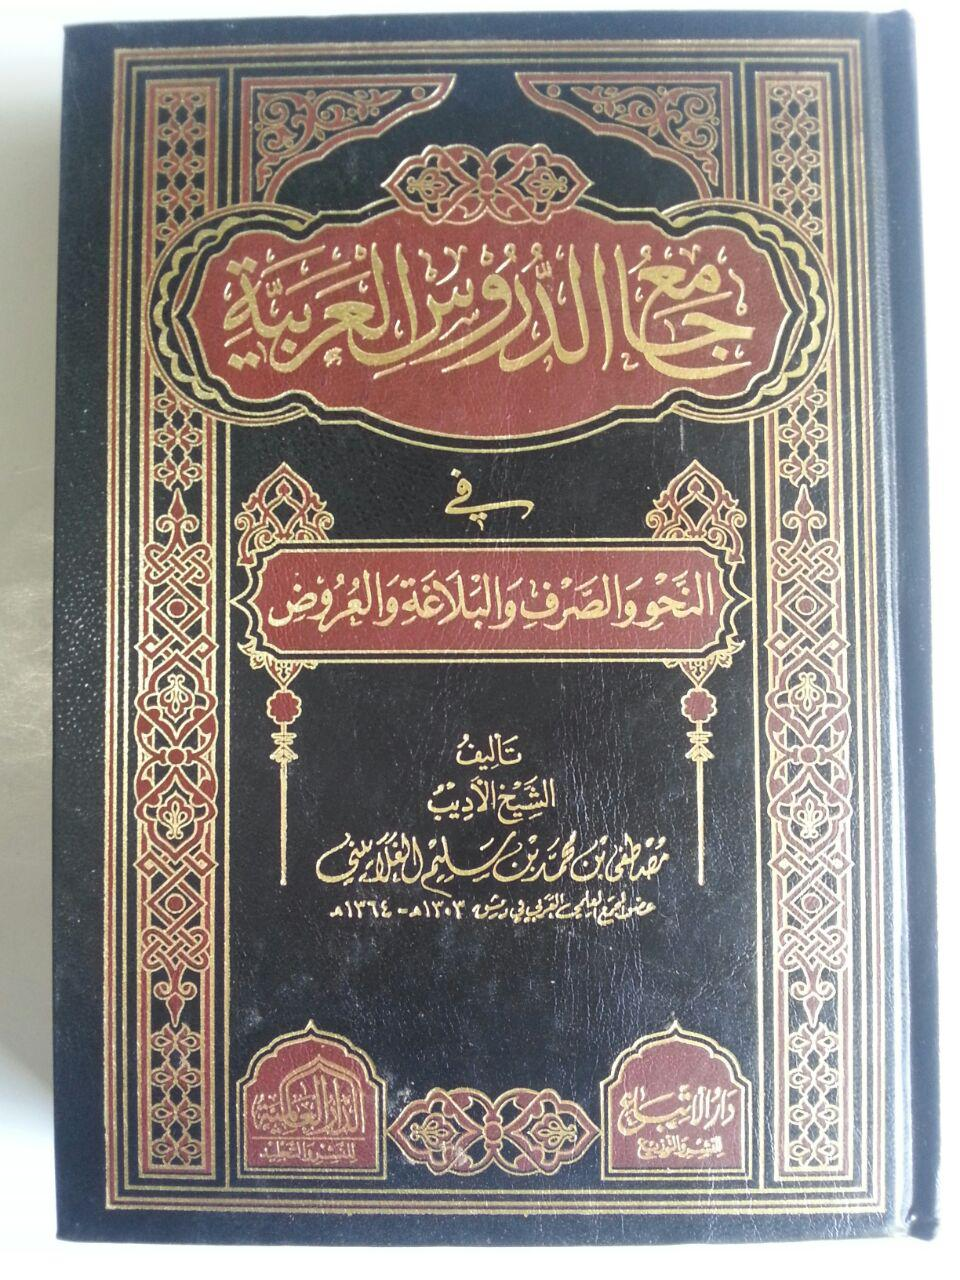 Kitab Jamiud Durus Al-Arabiyyah Fin Nahwi Shorf Balaghah Urudh cover